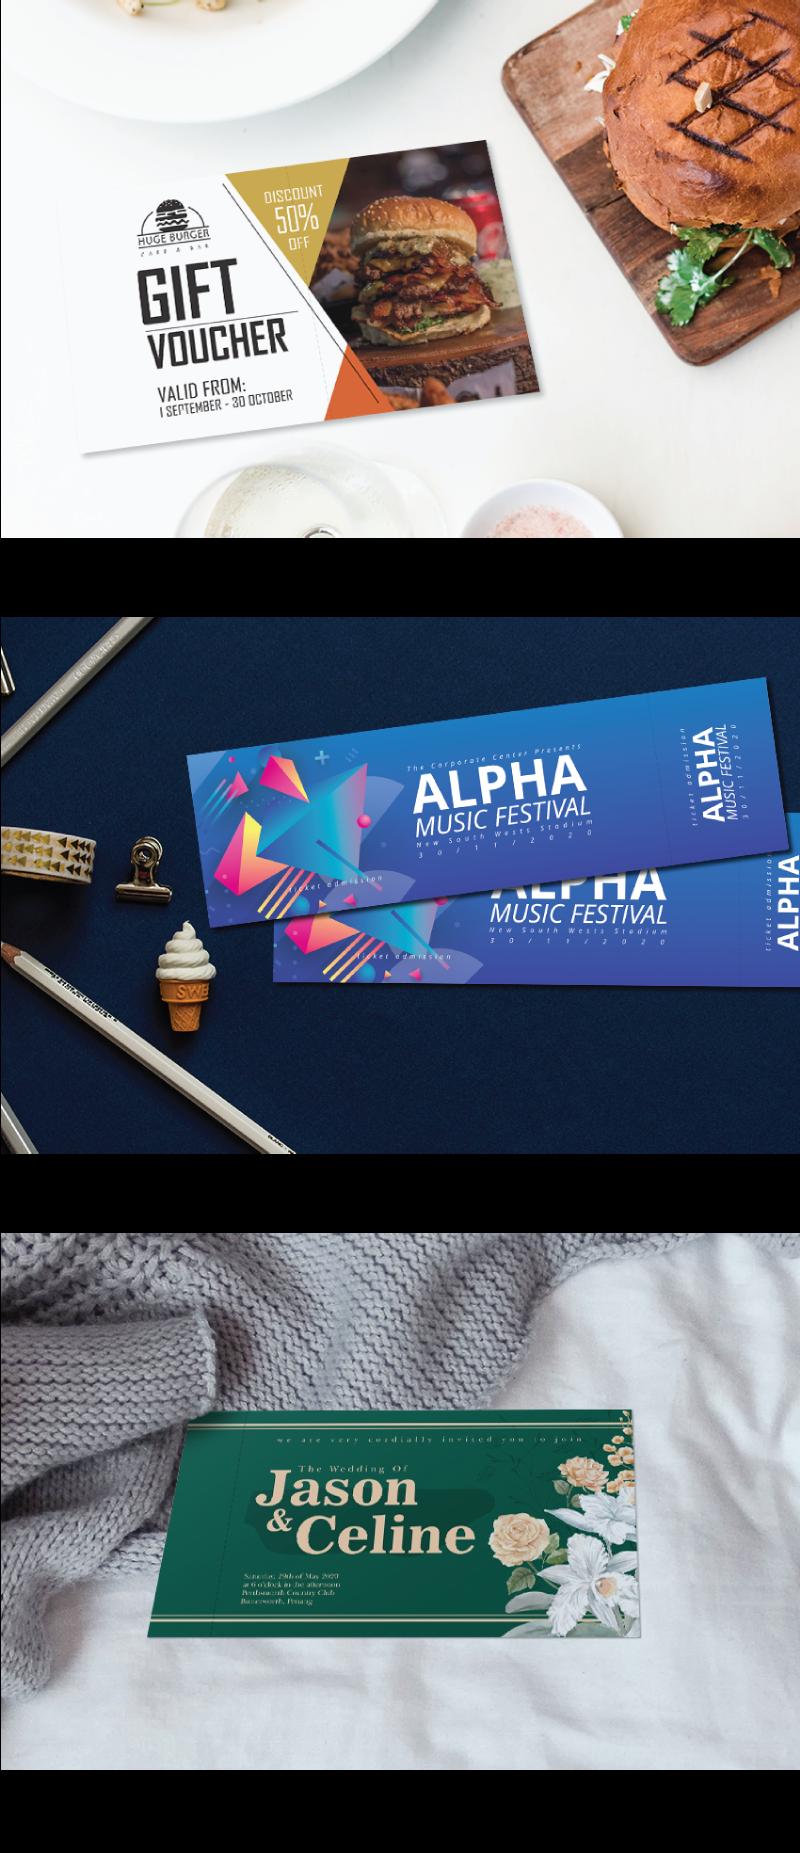 jentayu design voucher ticket baucar tiket